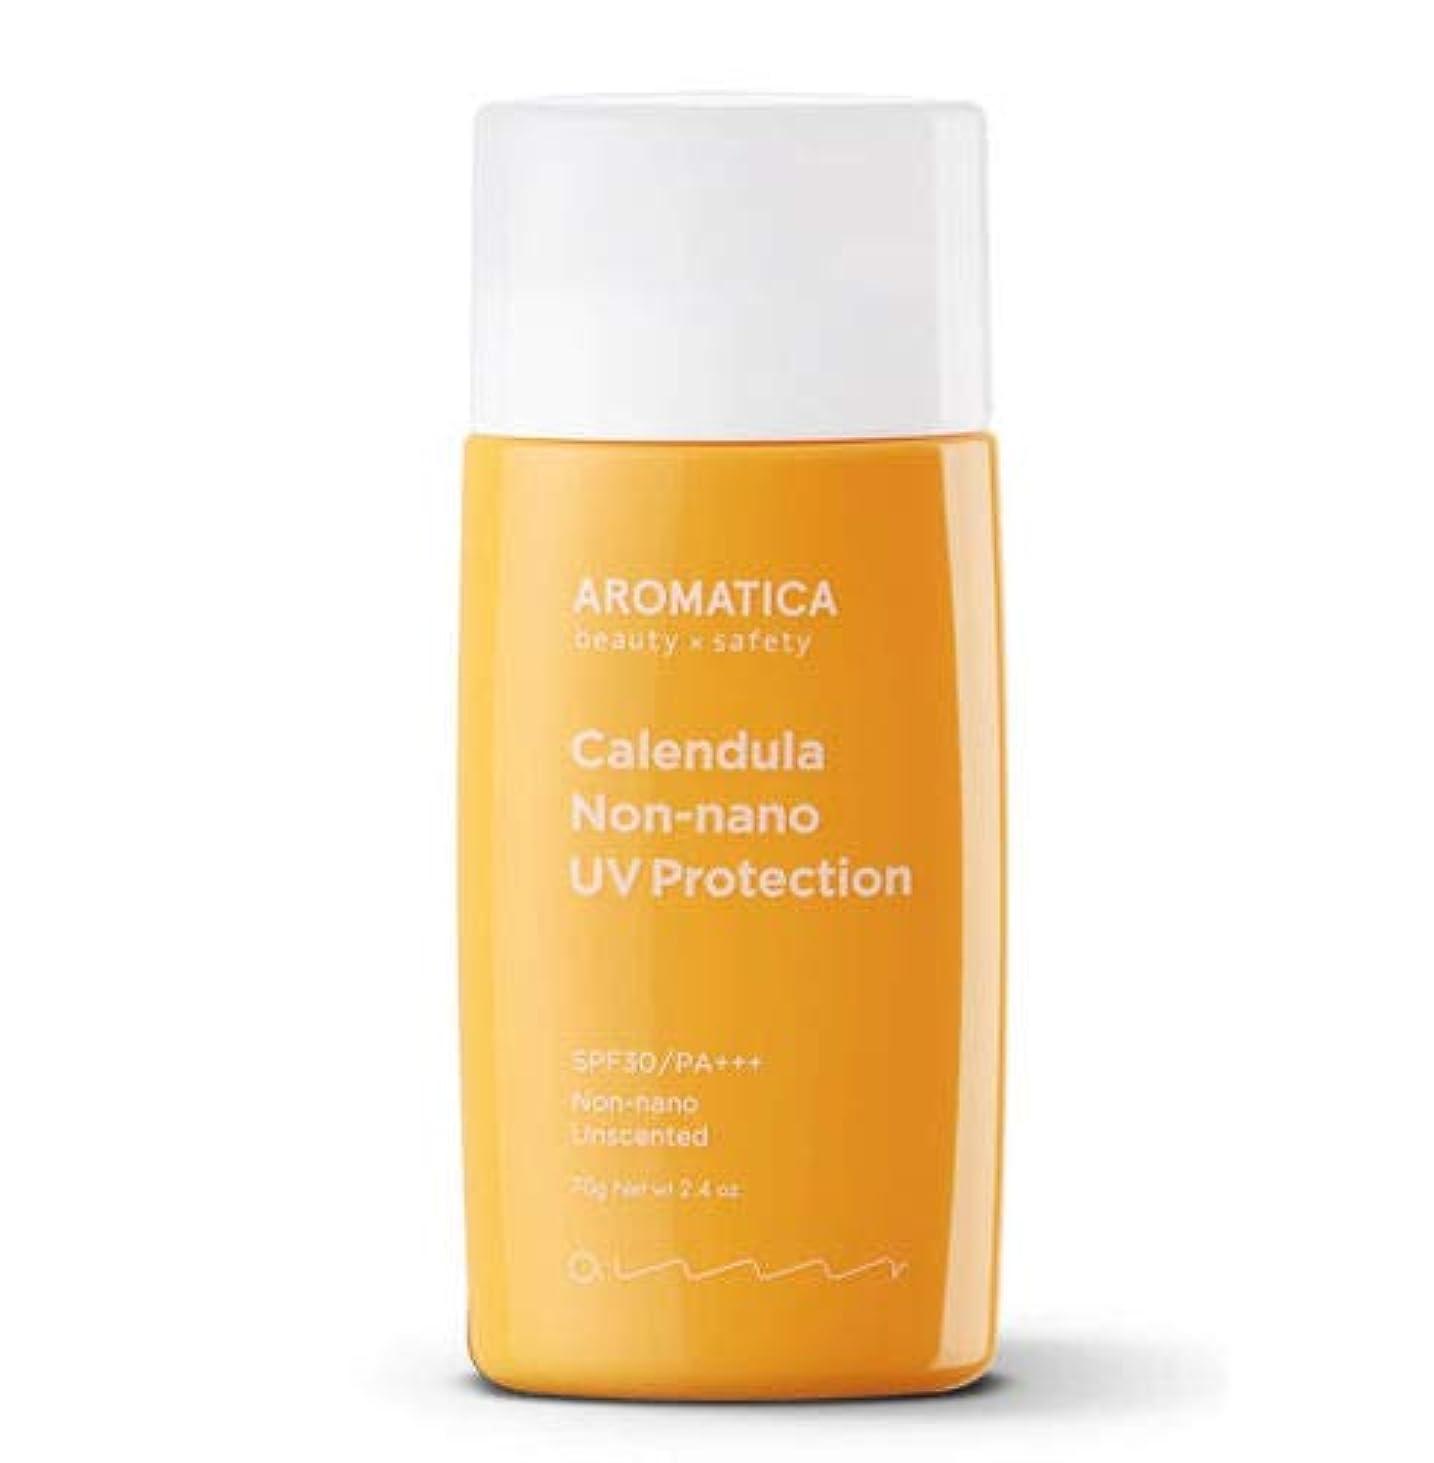 危険な知覚ビクターAROMATICA アロマティカ Calendula NON-NANO UV Protection Unscented サンクリーム 70g SPF30/PA+++ 米国 日焼け止め